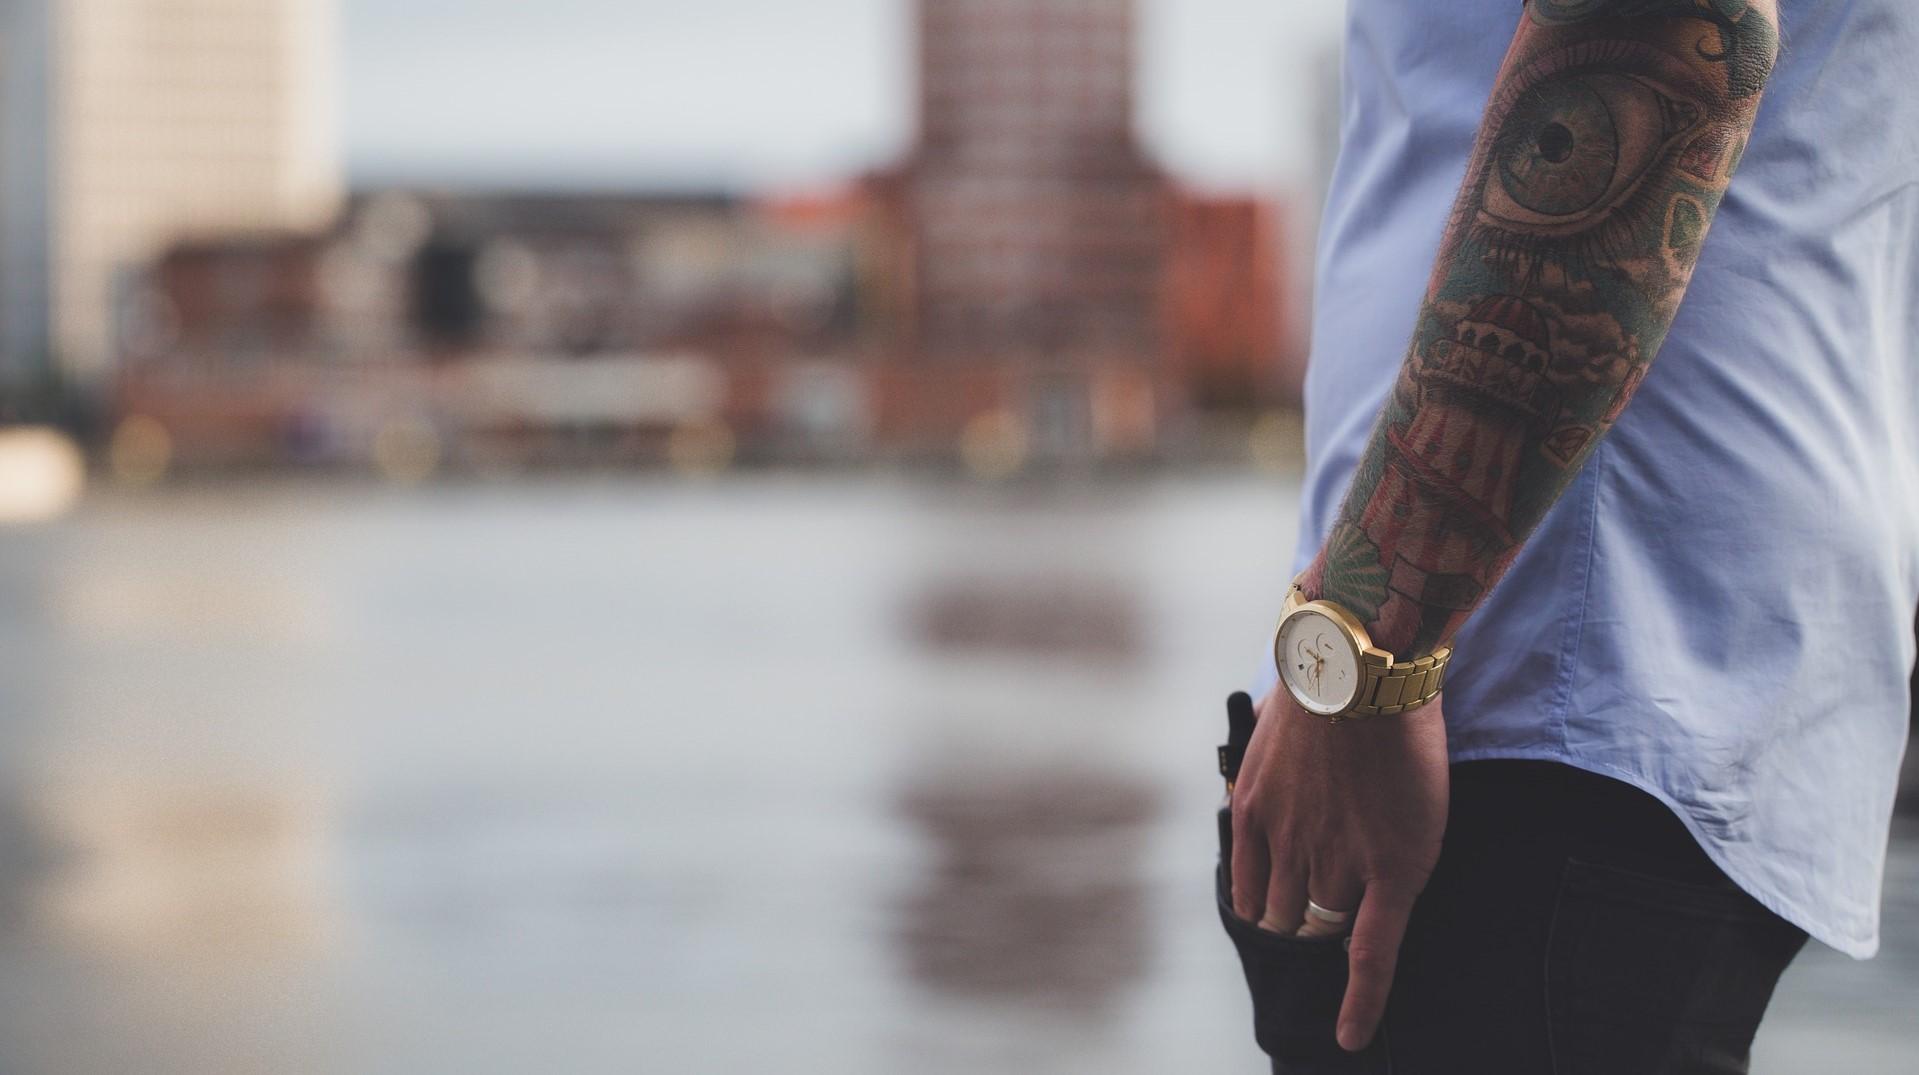 smartwach czy tradycyjny zegarek